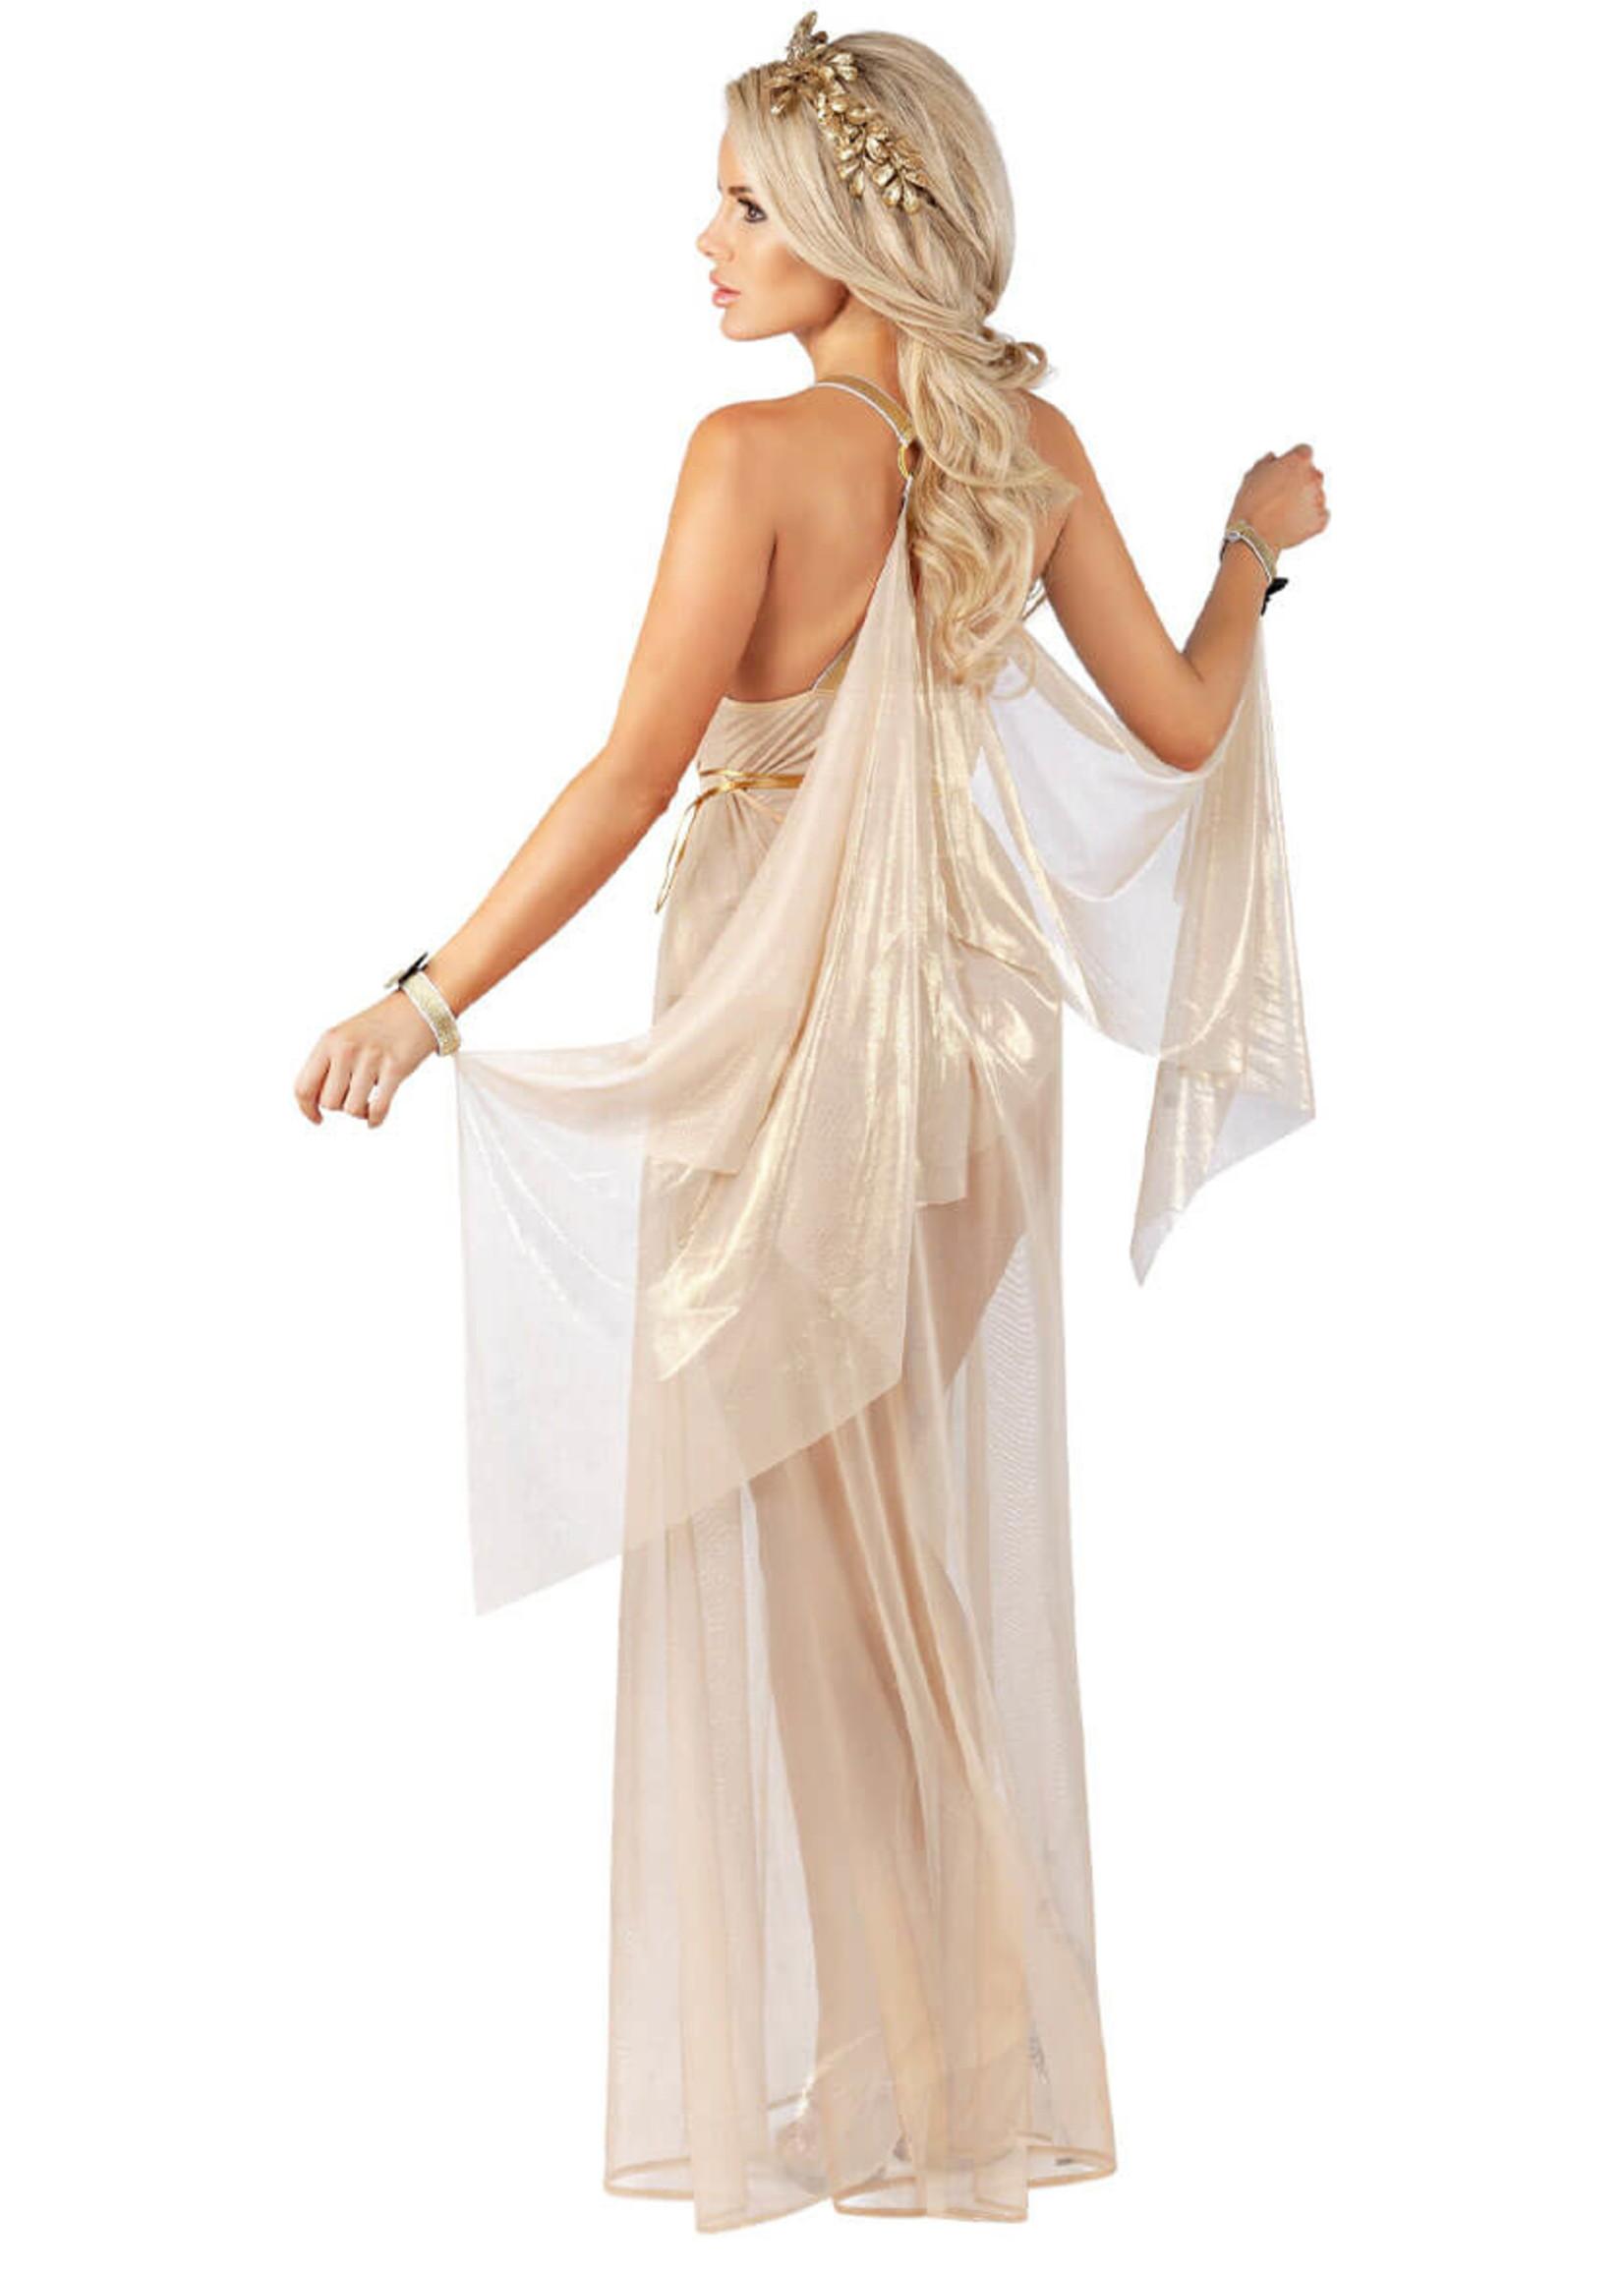 starline Gilded Goddess